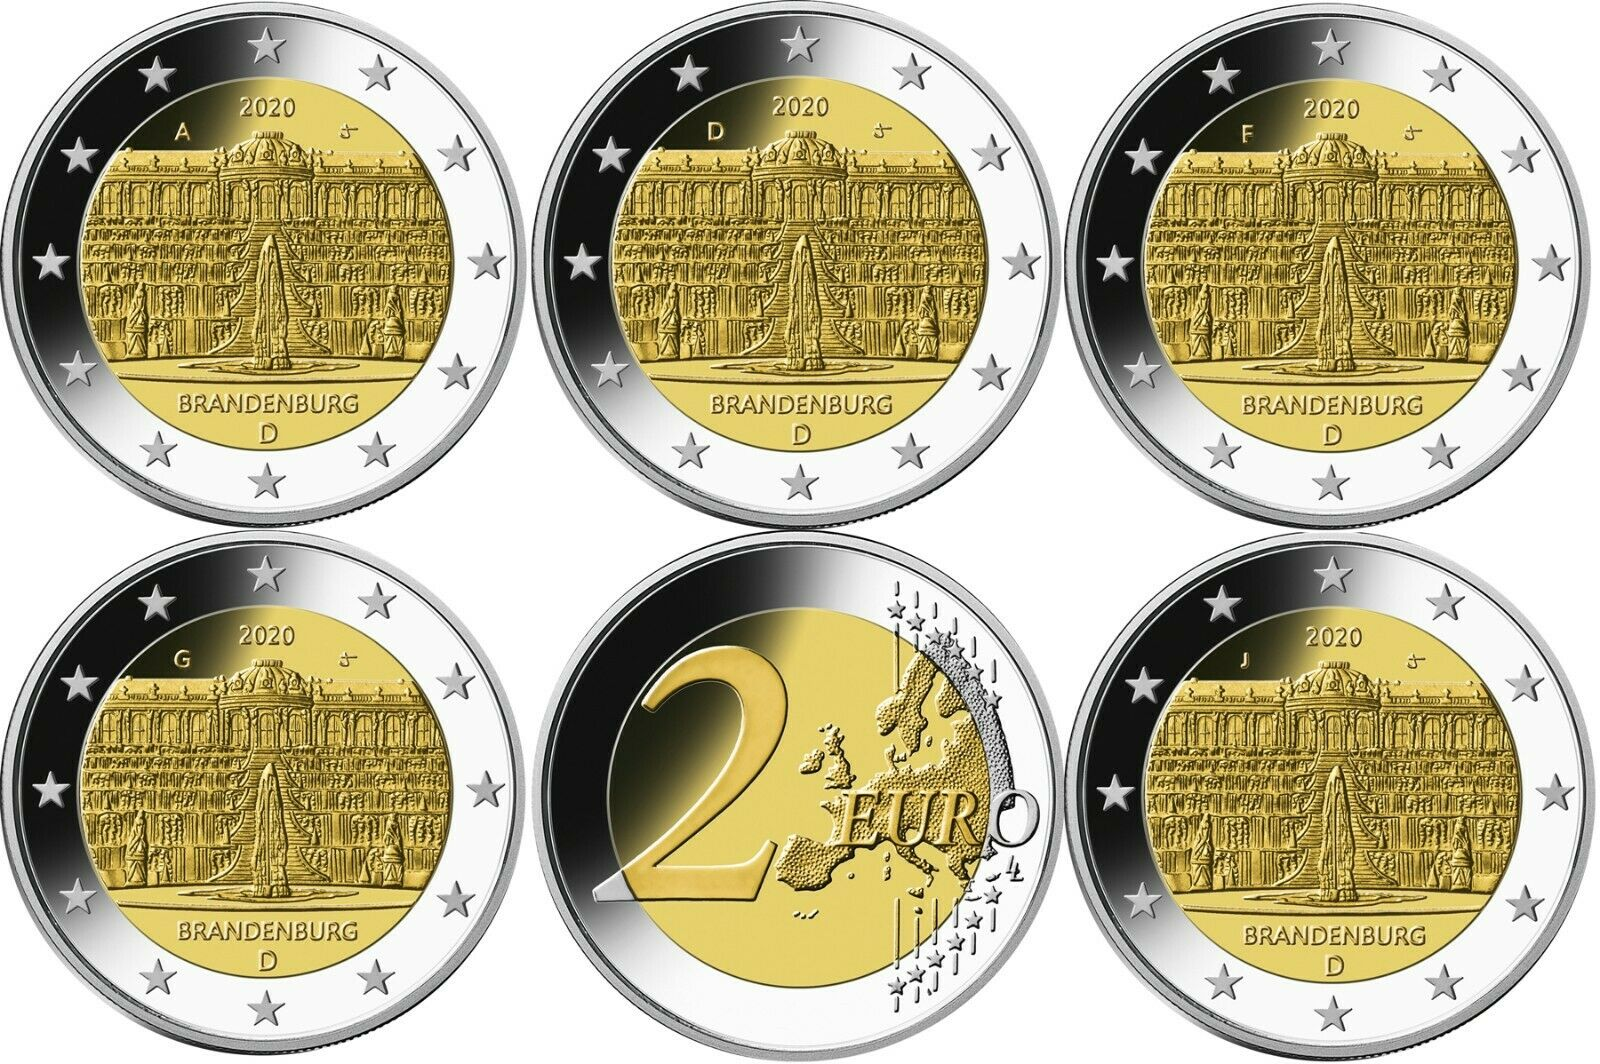 Германия 2 евро 2020 г. Дворец Сан-Суси в Потсдаме (A,D,F,G,J)